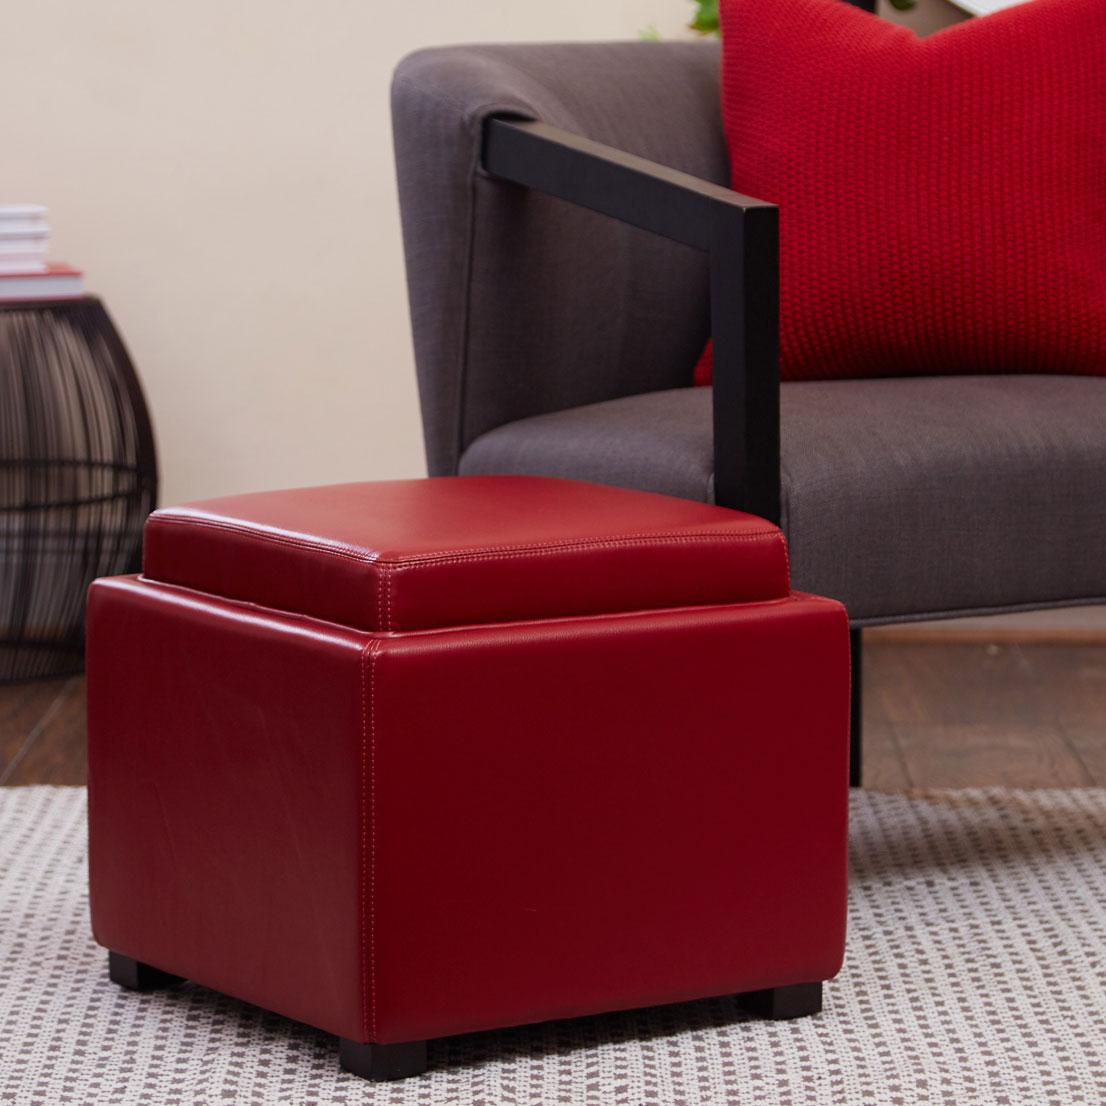 Davis Storage Ottoman Red